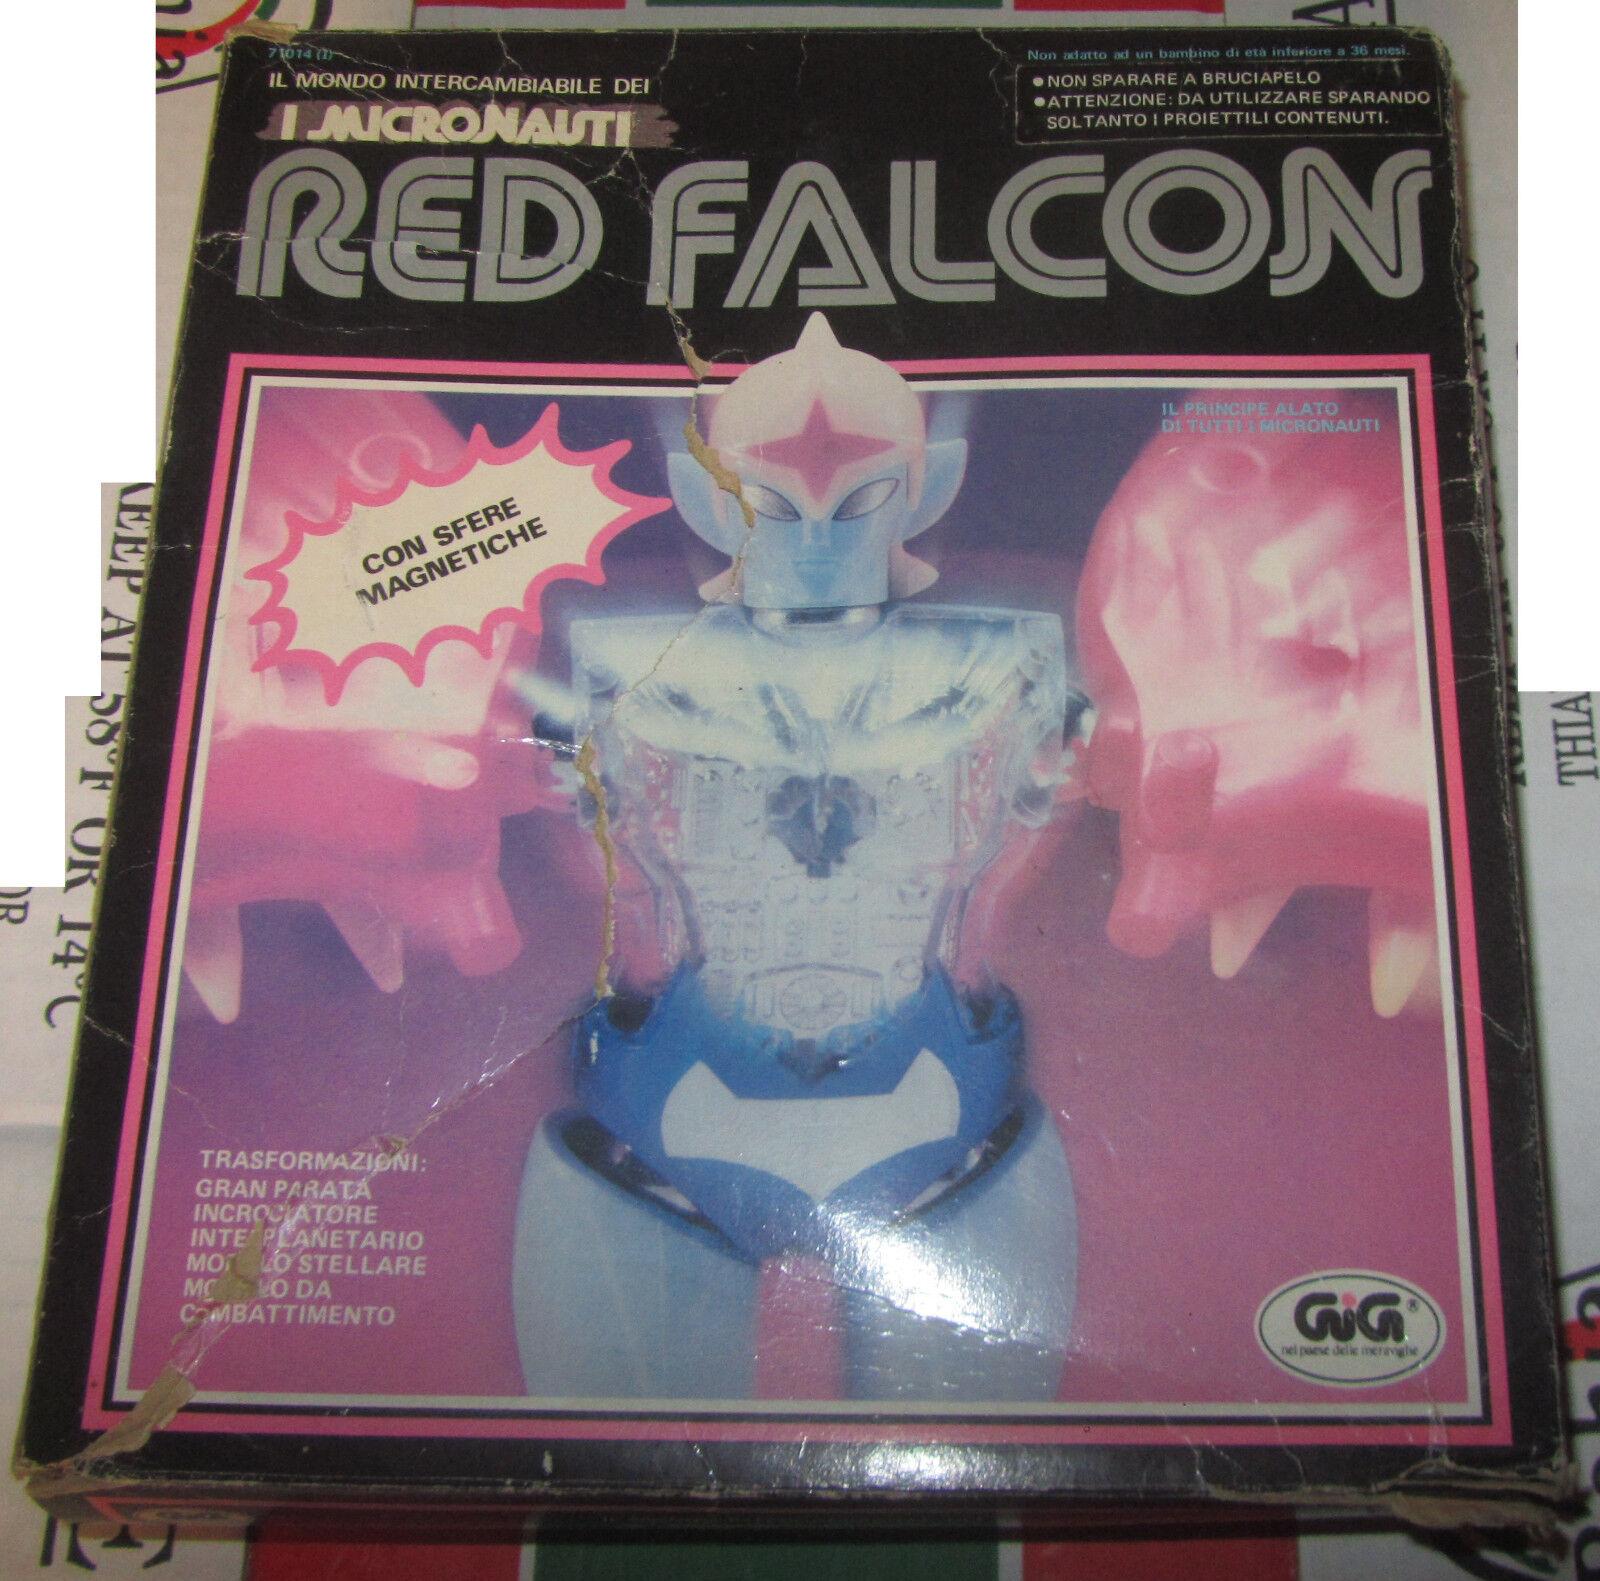 Rosso Falcon Micronauti Micronauts Mego GIG con scatola e accessori